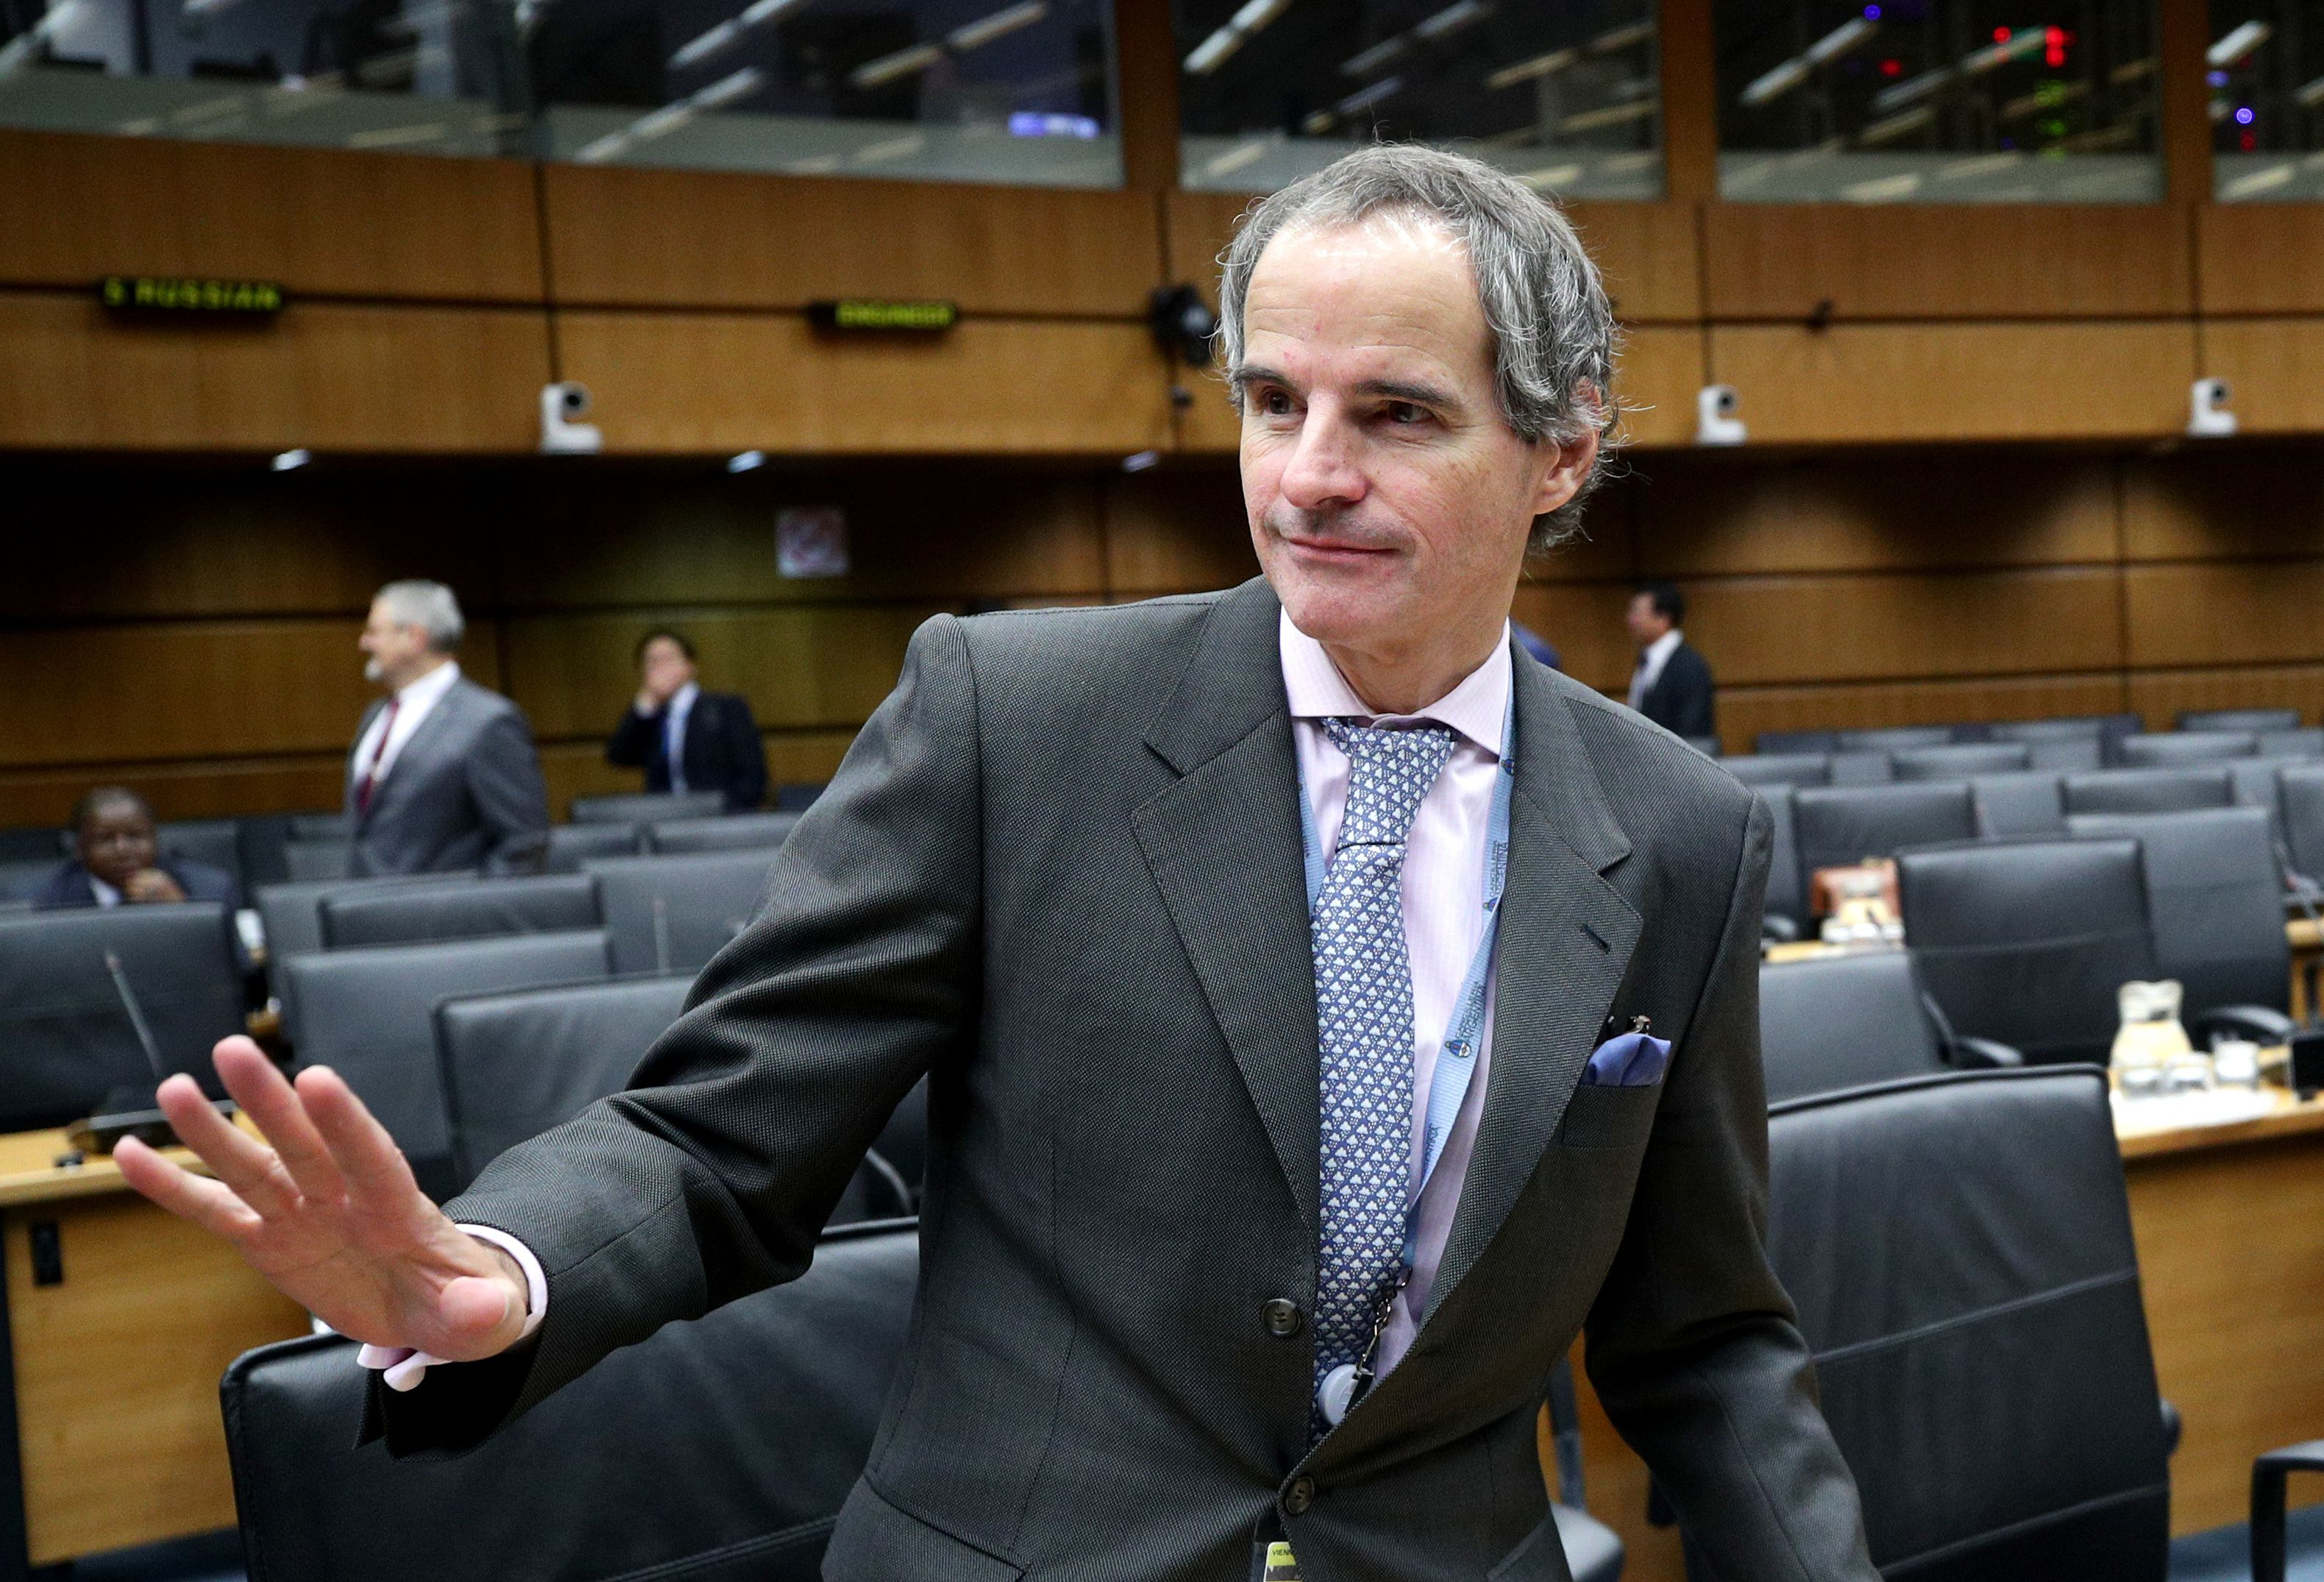 Rafael Grossi, al participar de una de las reuniones de la Organismo Internacional de Energía Nuclear. (Reuters/Lisi Niesner)